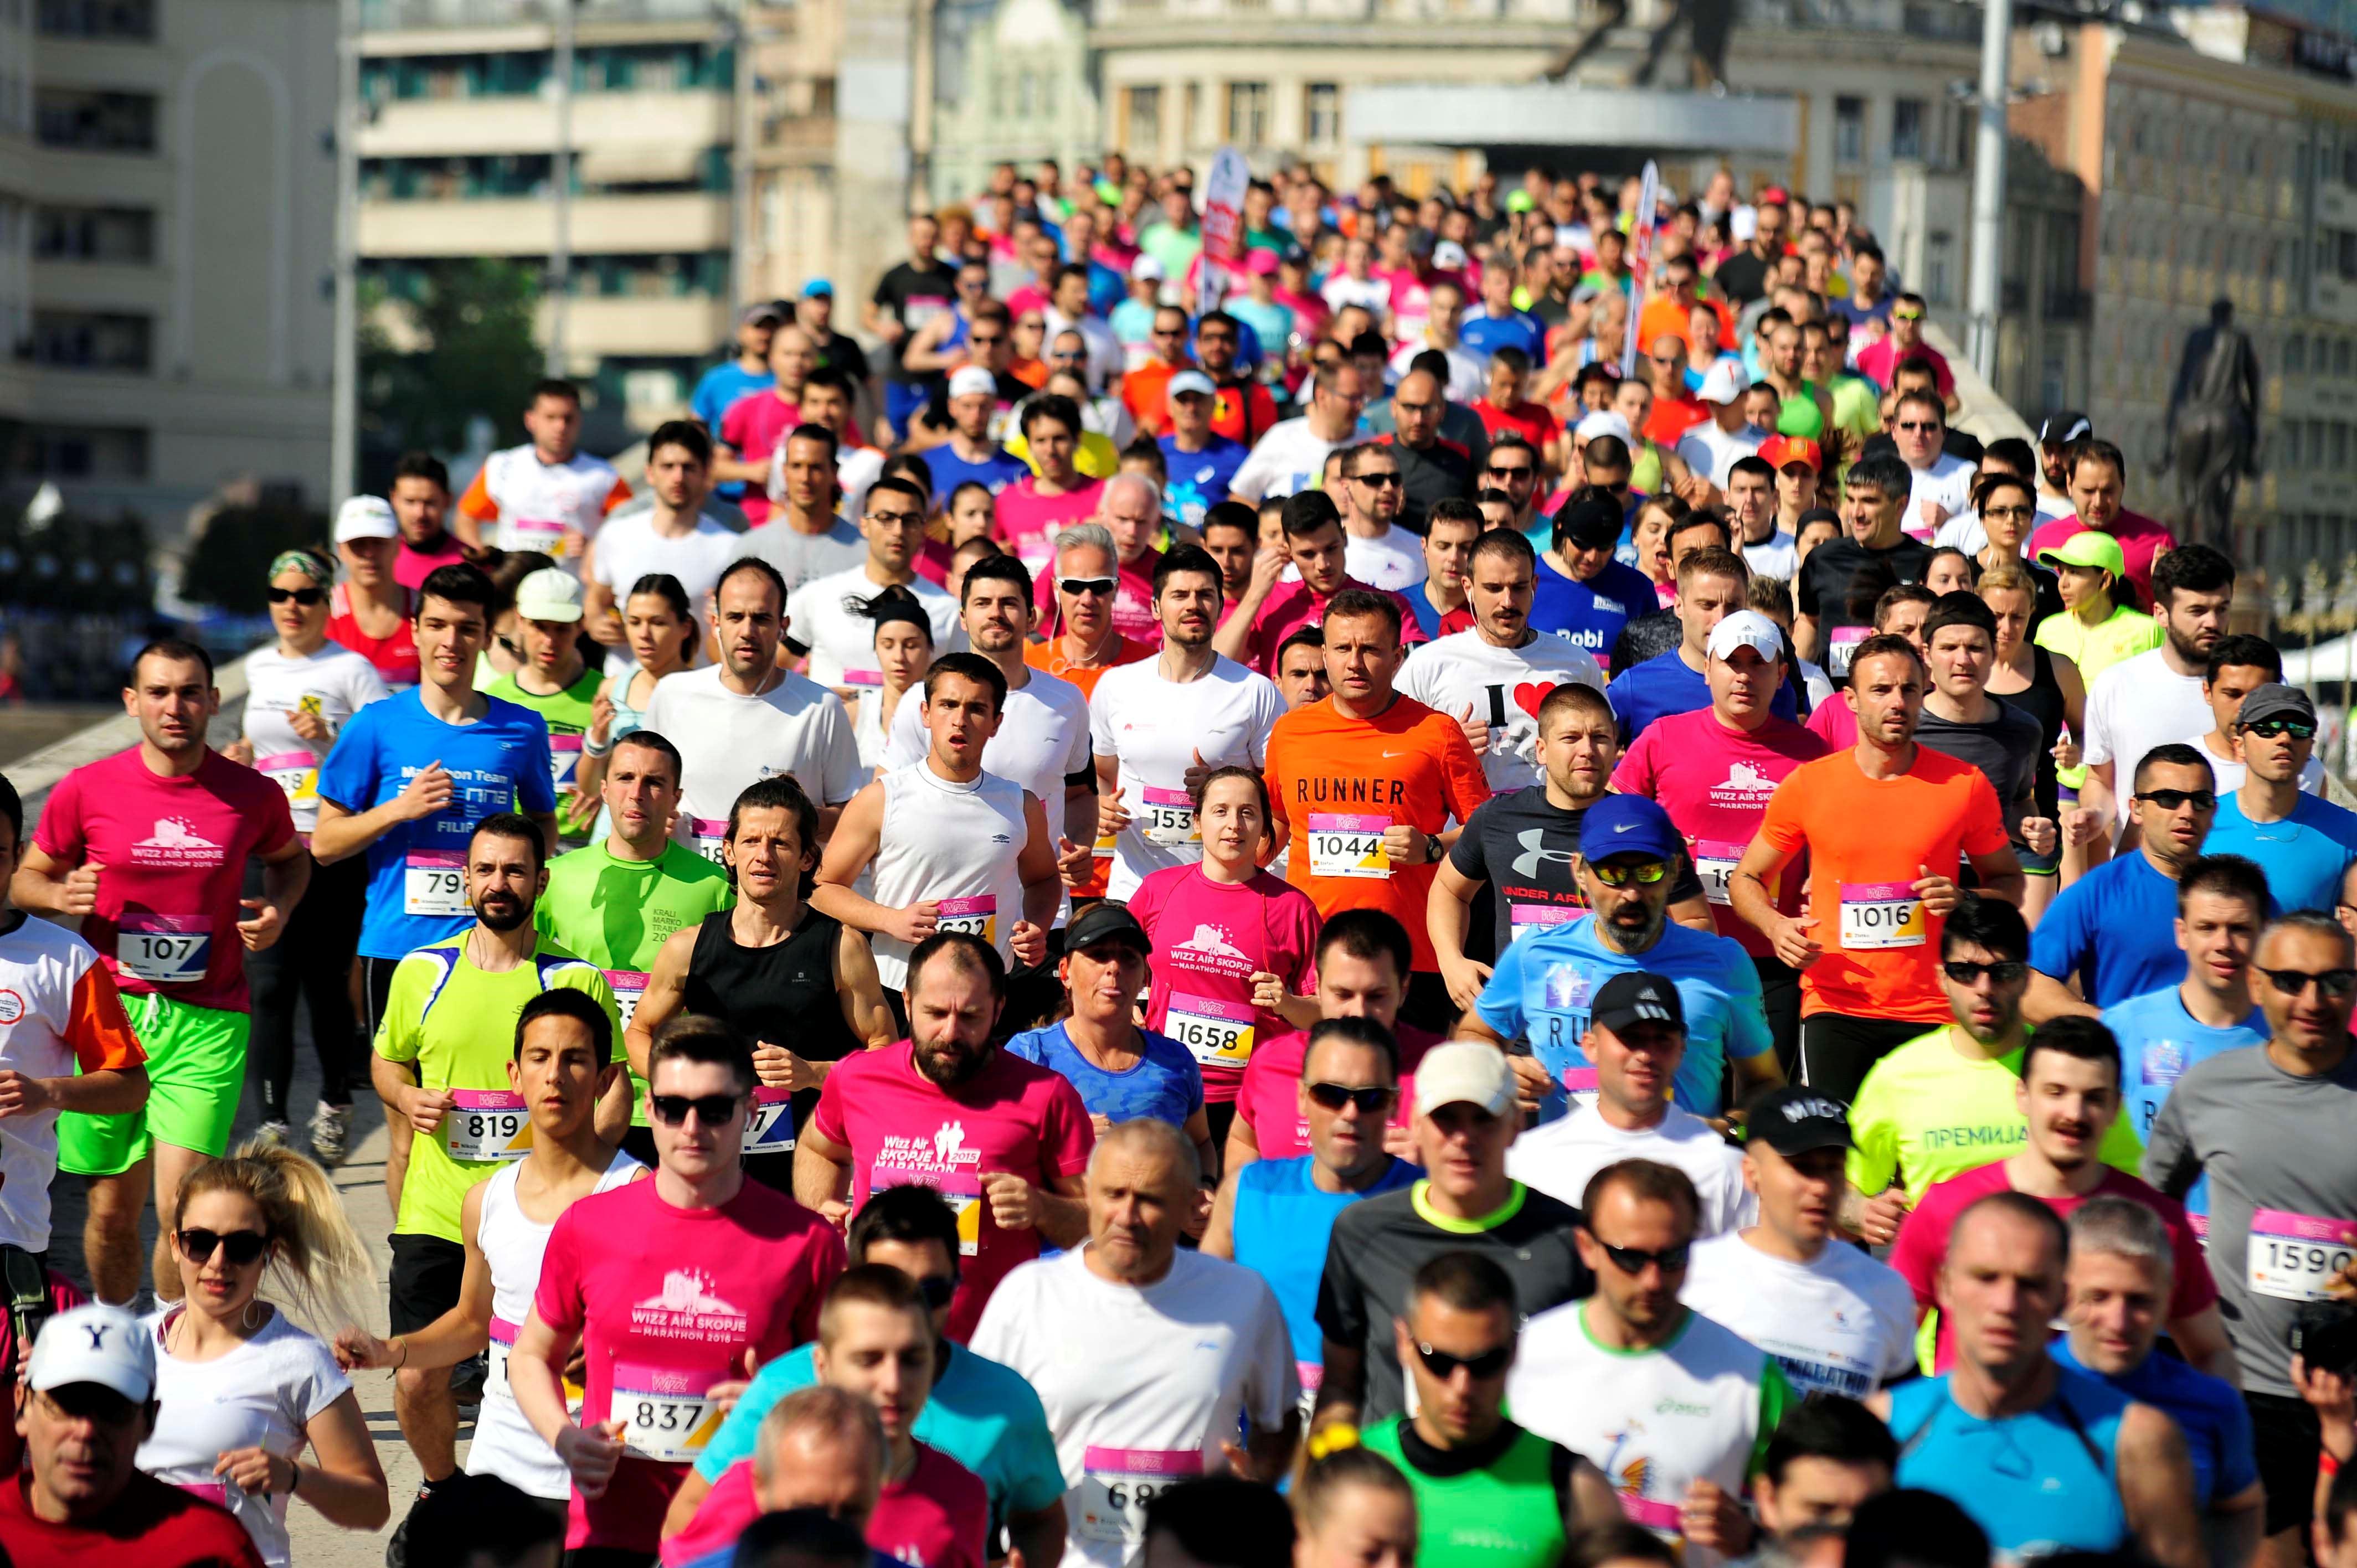 About Wizz Air Skopje Marathon